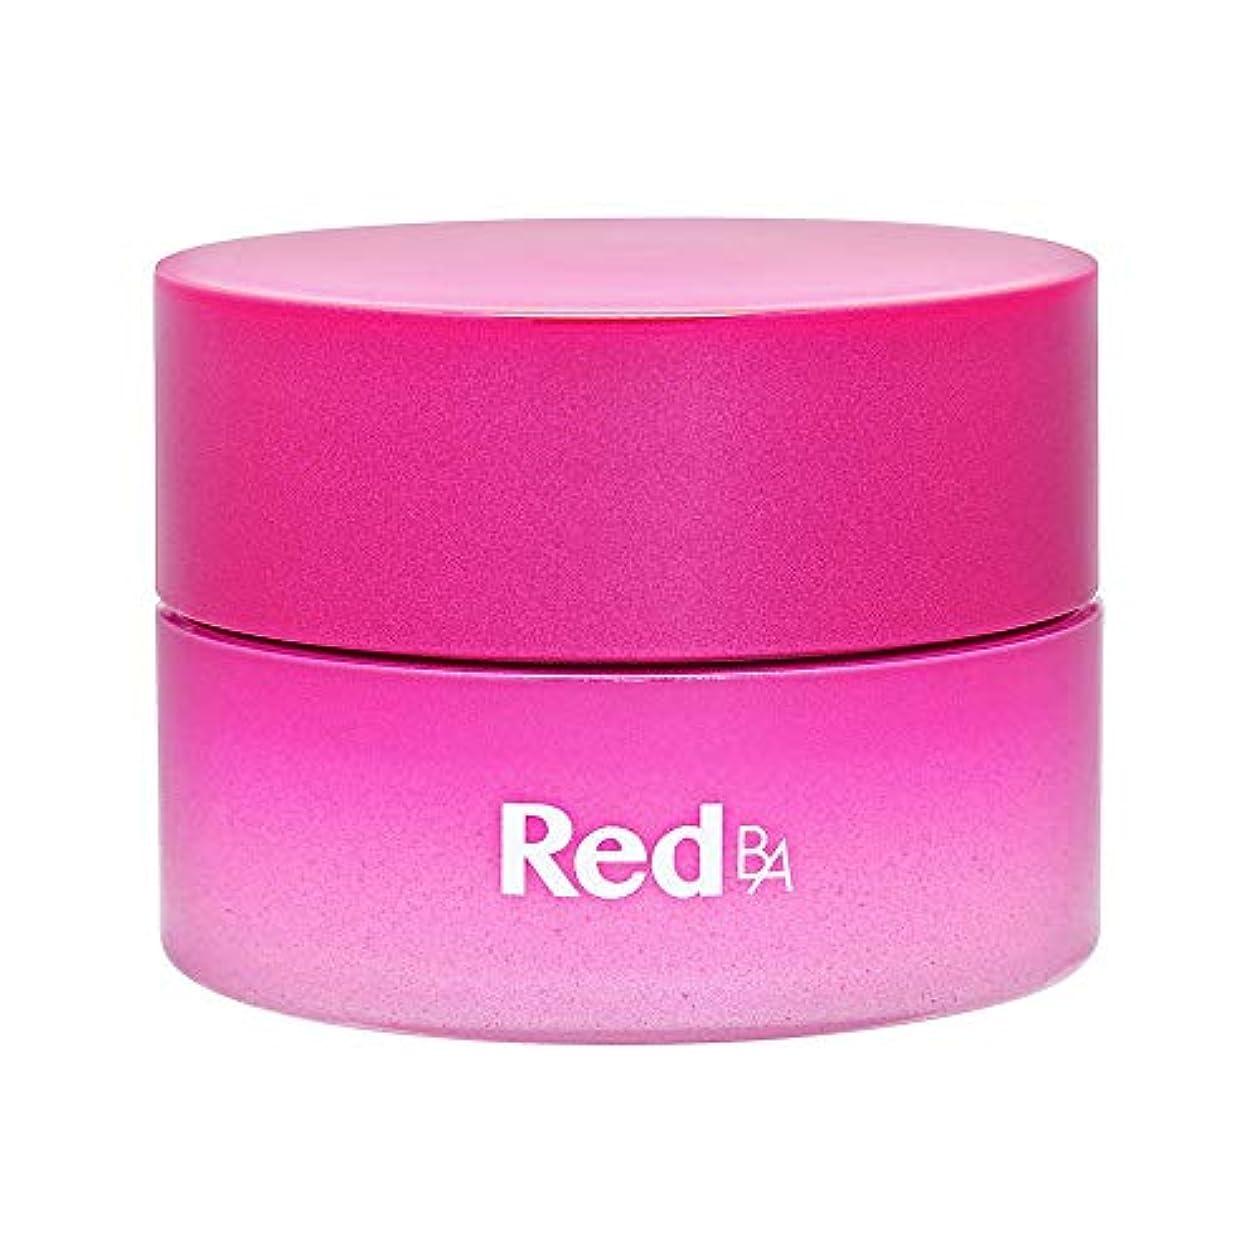 大きさポジティブ期限ポーラ Red B.A マルチコンセントレート 50g [並行輸入品]